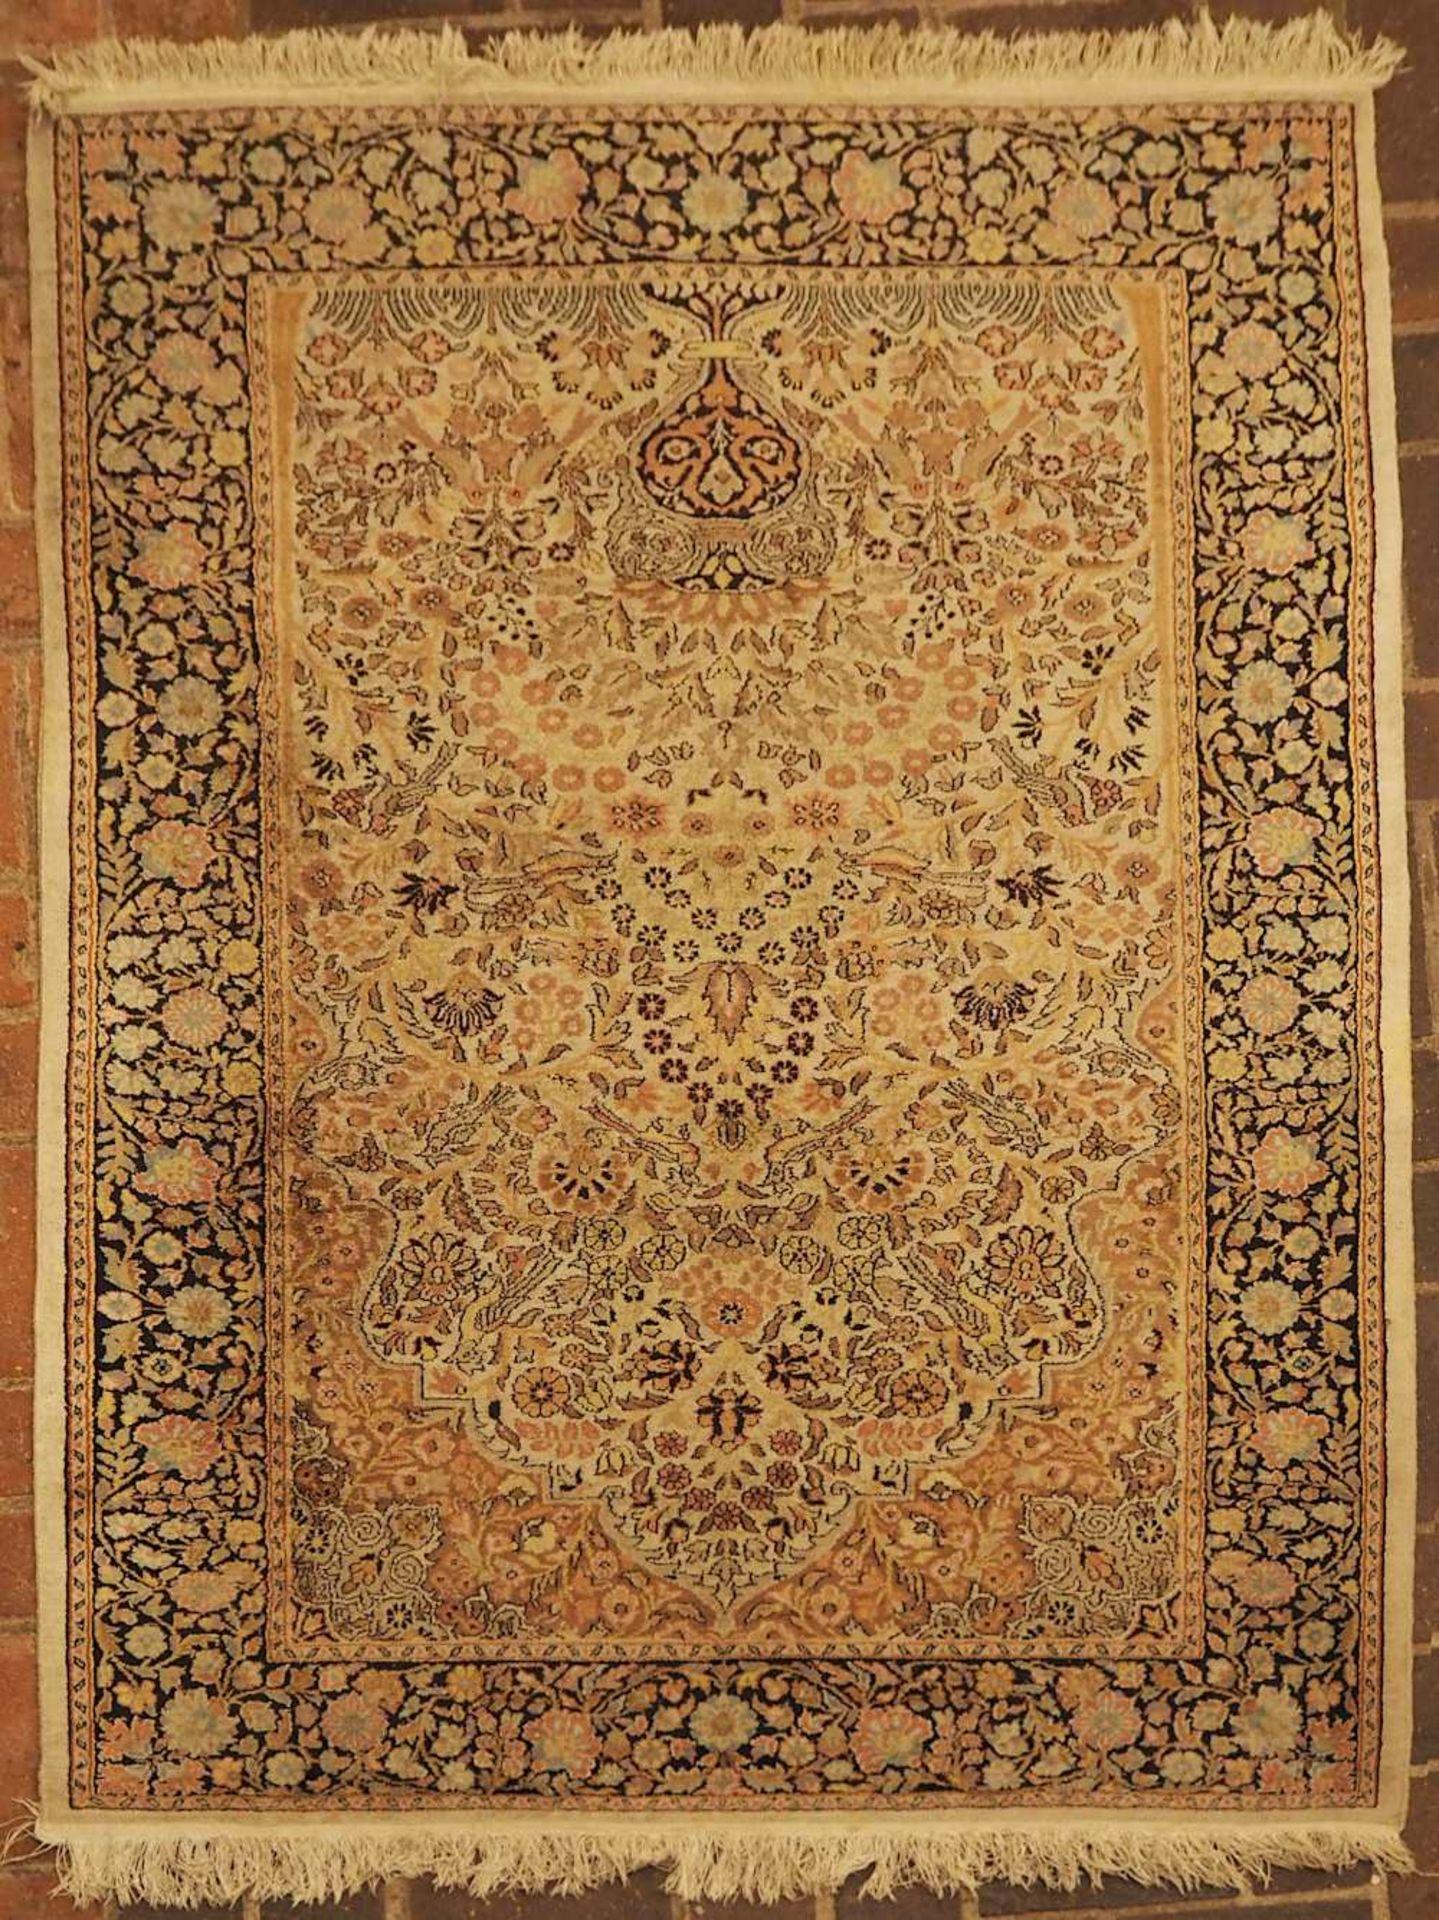 1 Orientteppich 20. Jh., Mittelfeld beigegrundig mit reichem floralem Dekor Randbordü - Bild 2 aus 2